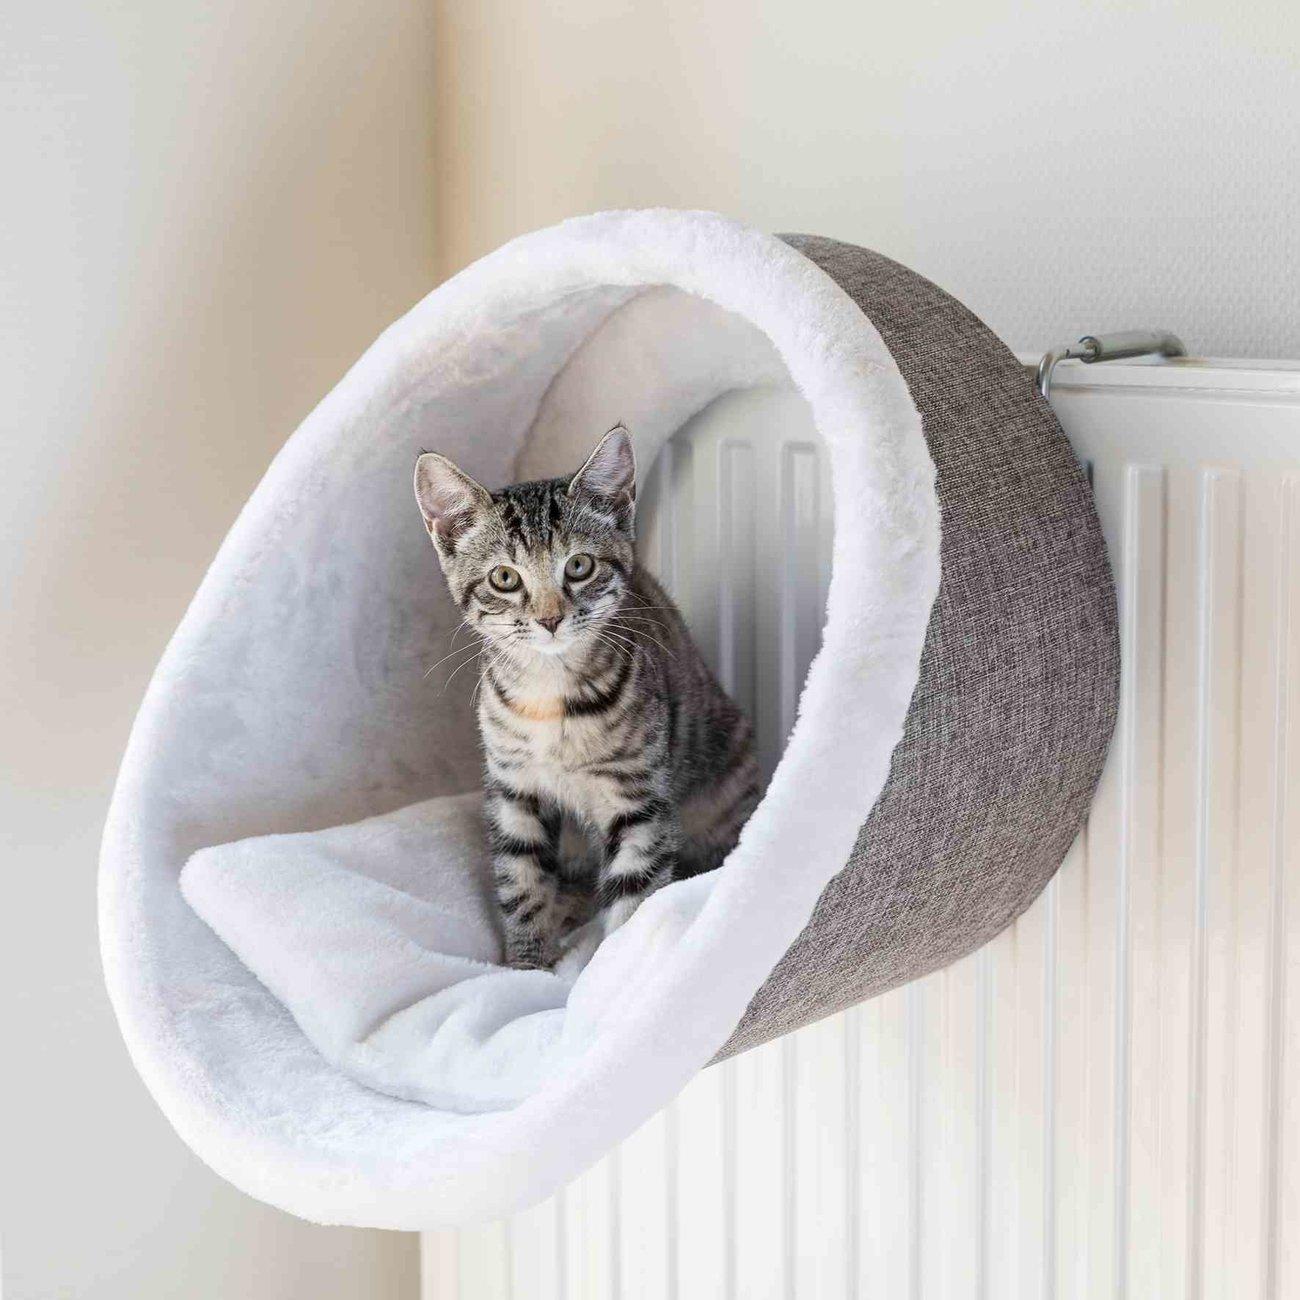 TRIXIE Katzen Hängehöhle für Heizkörper 43144, Bild 2